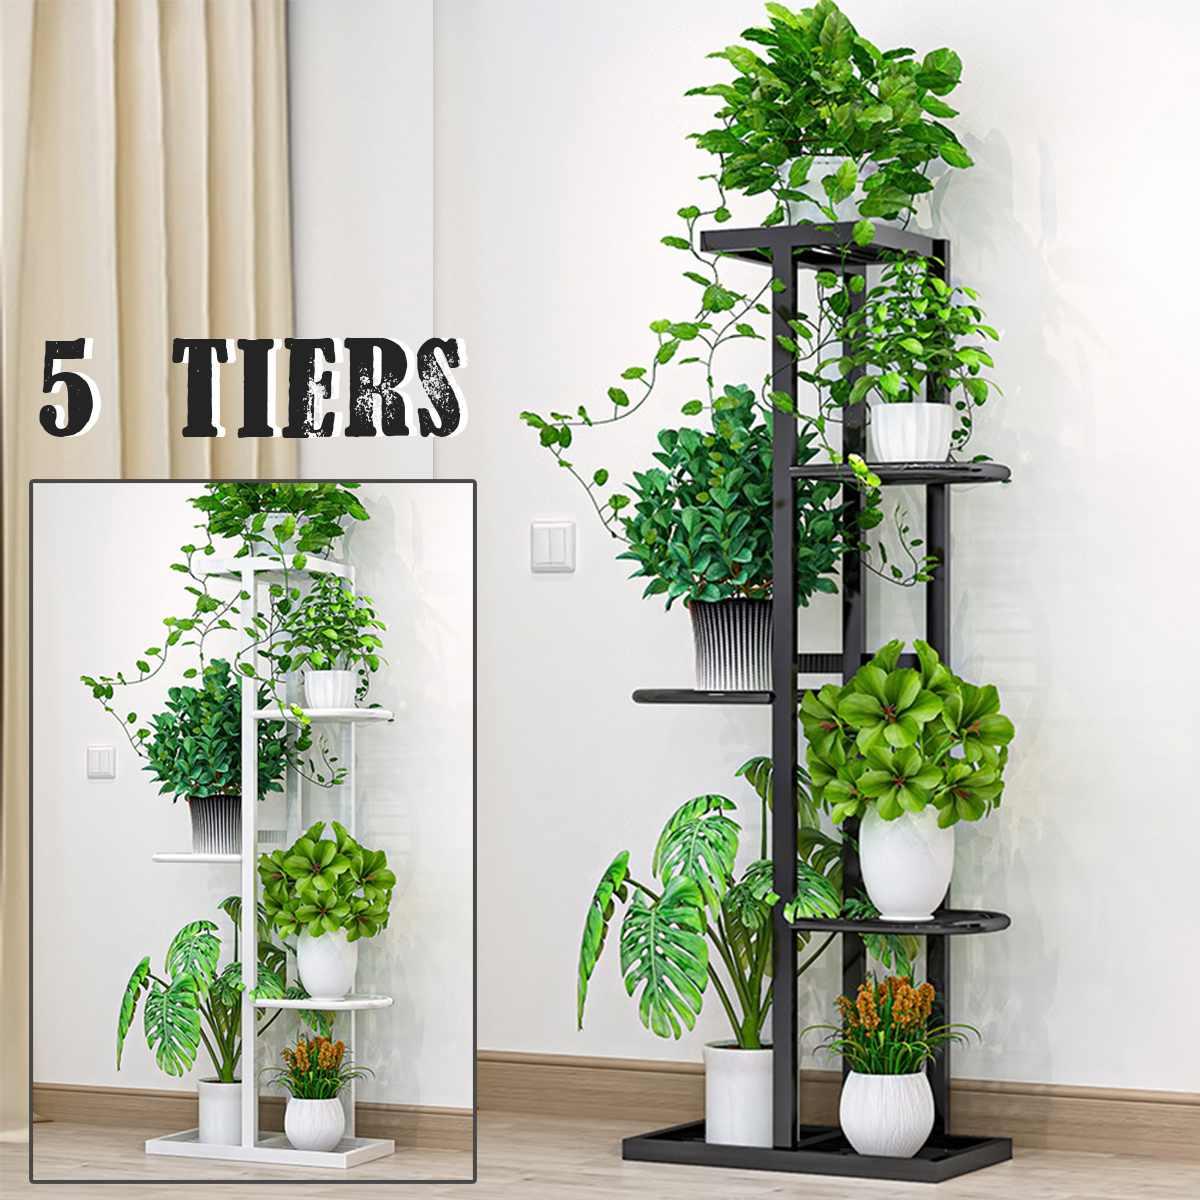 AliExpress 5 niveaux fer artisanat plante étagères support de Pot de fleur support de jardin présentoir plantes